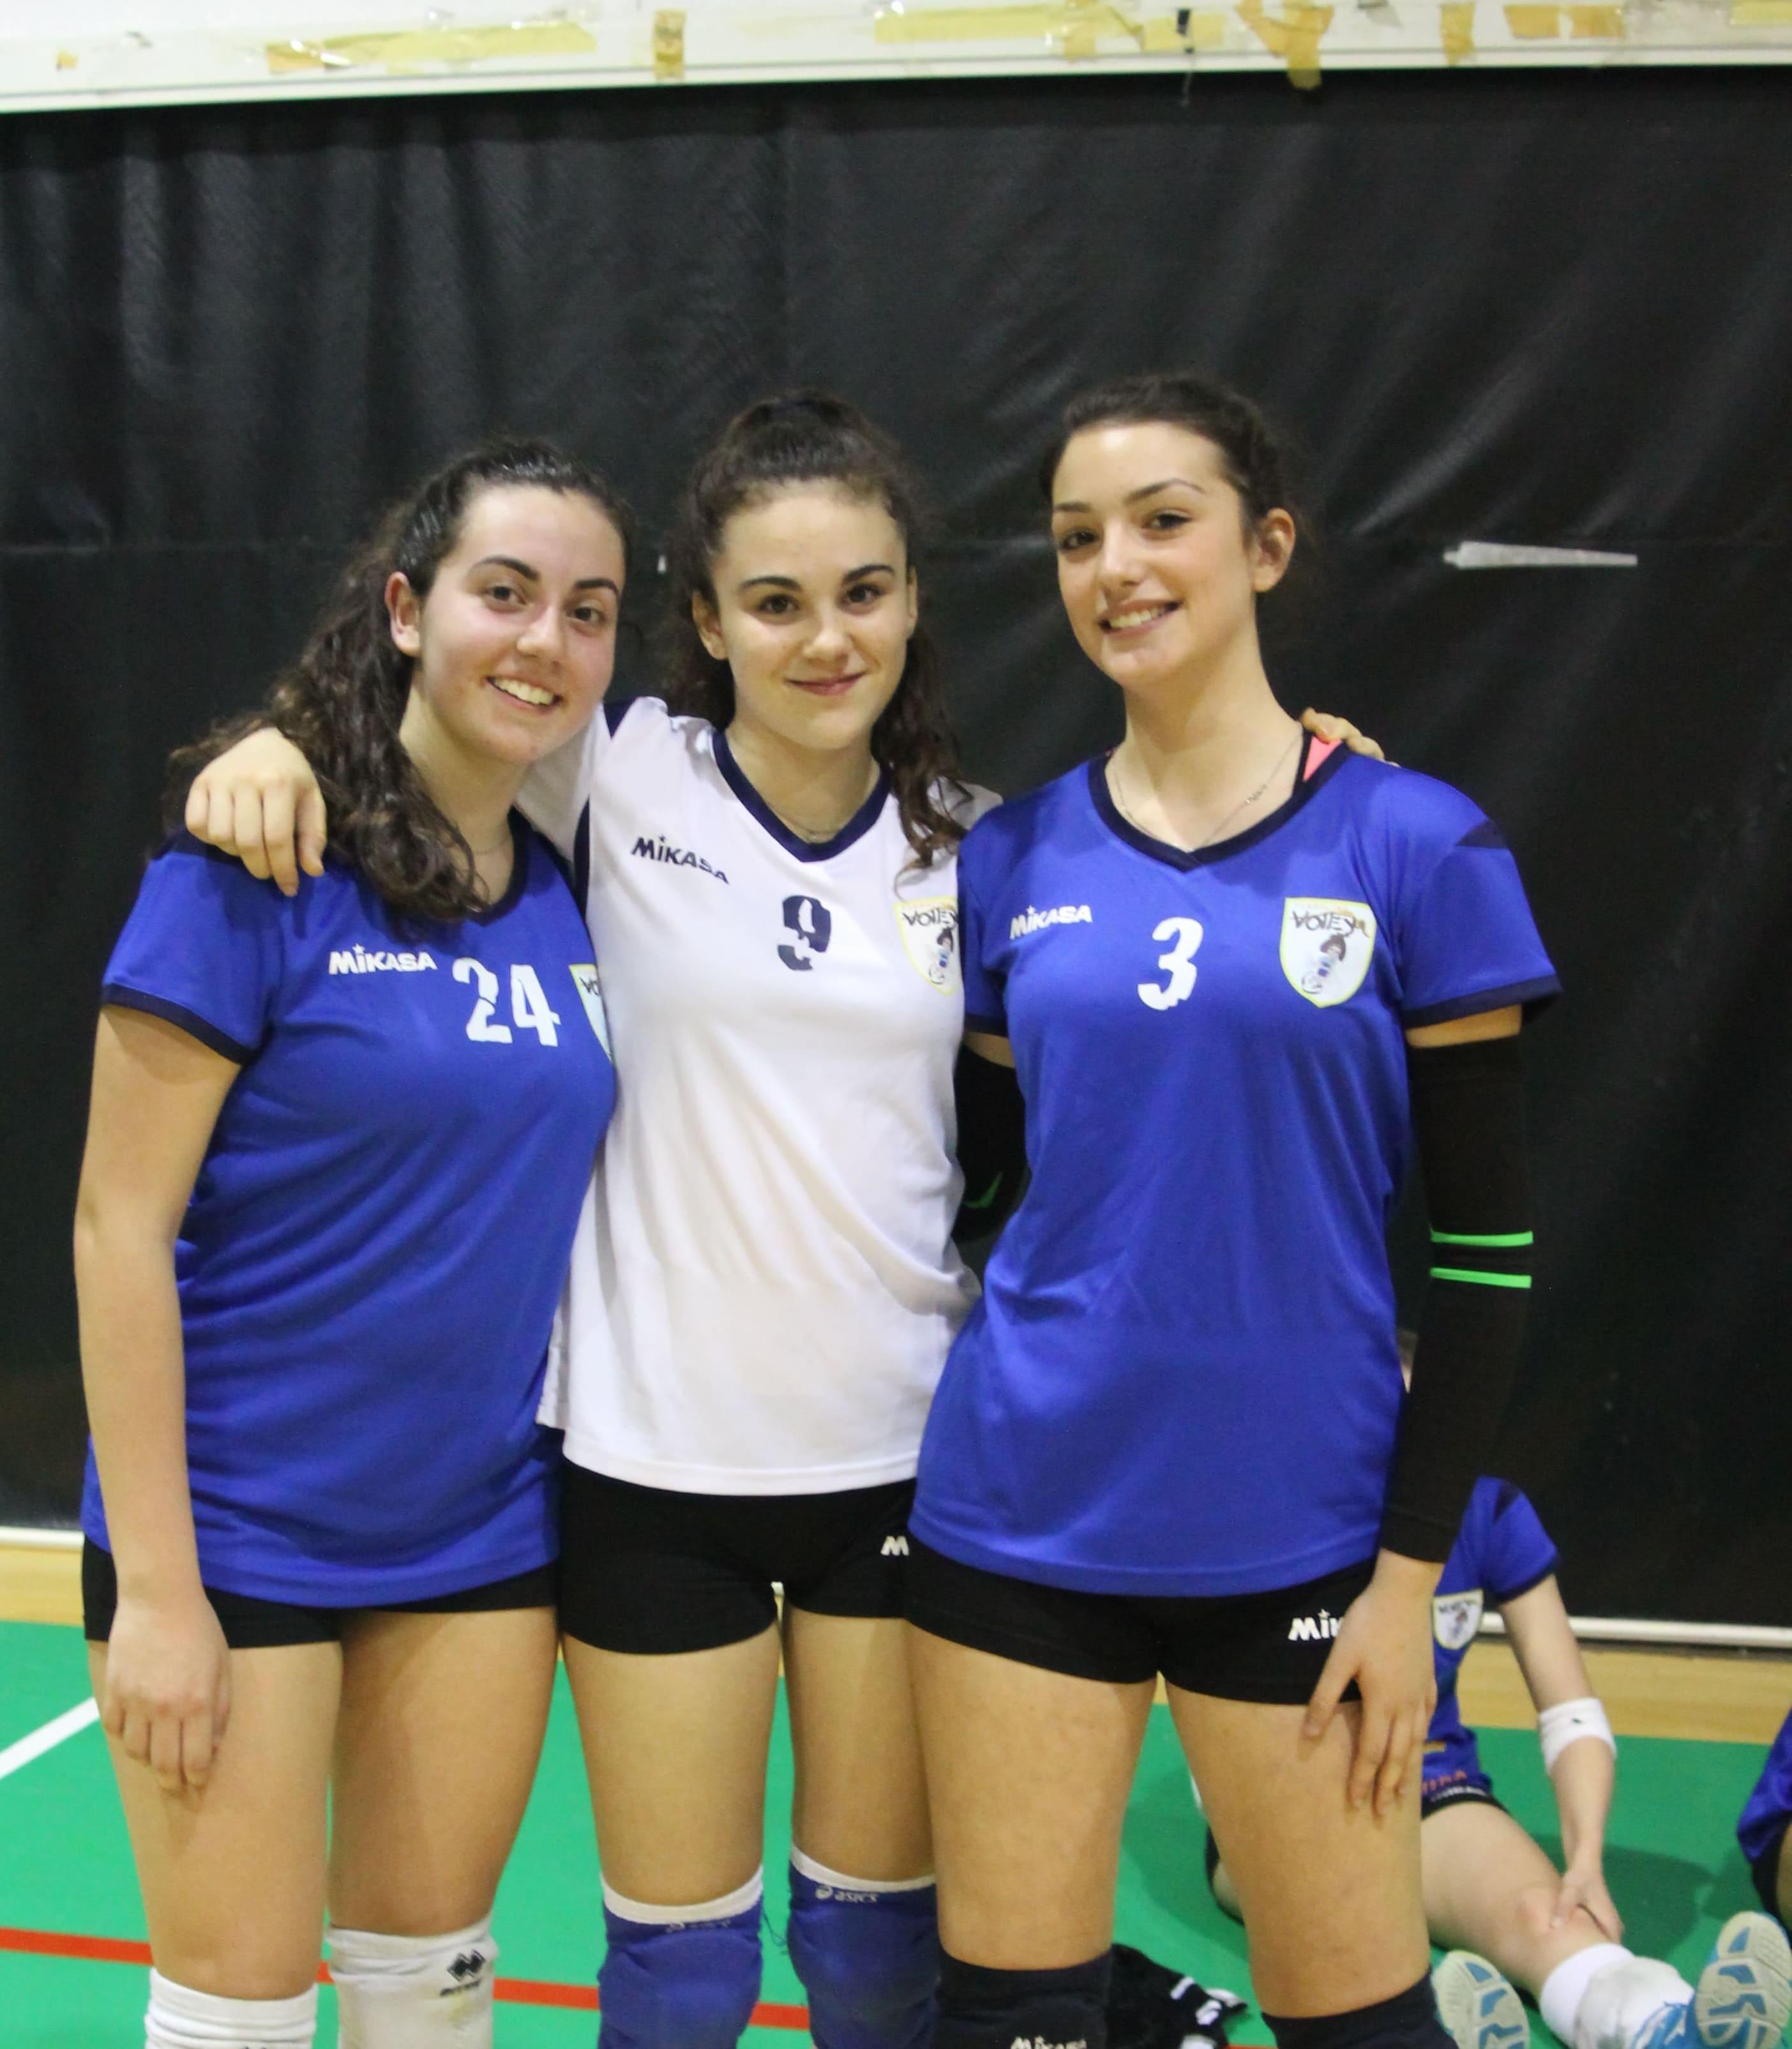 serie-c-regionale-volley-terracina-cresce-l-entusiasmo-dopo-la-vittoria-con-marconi-firmata-dalle-giovani-leve